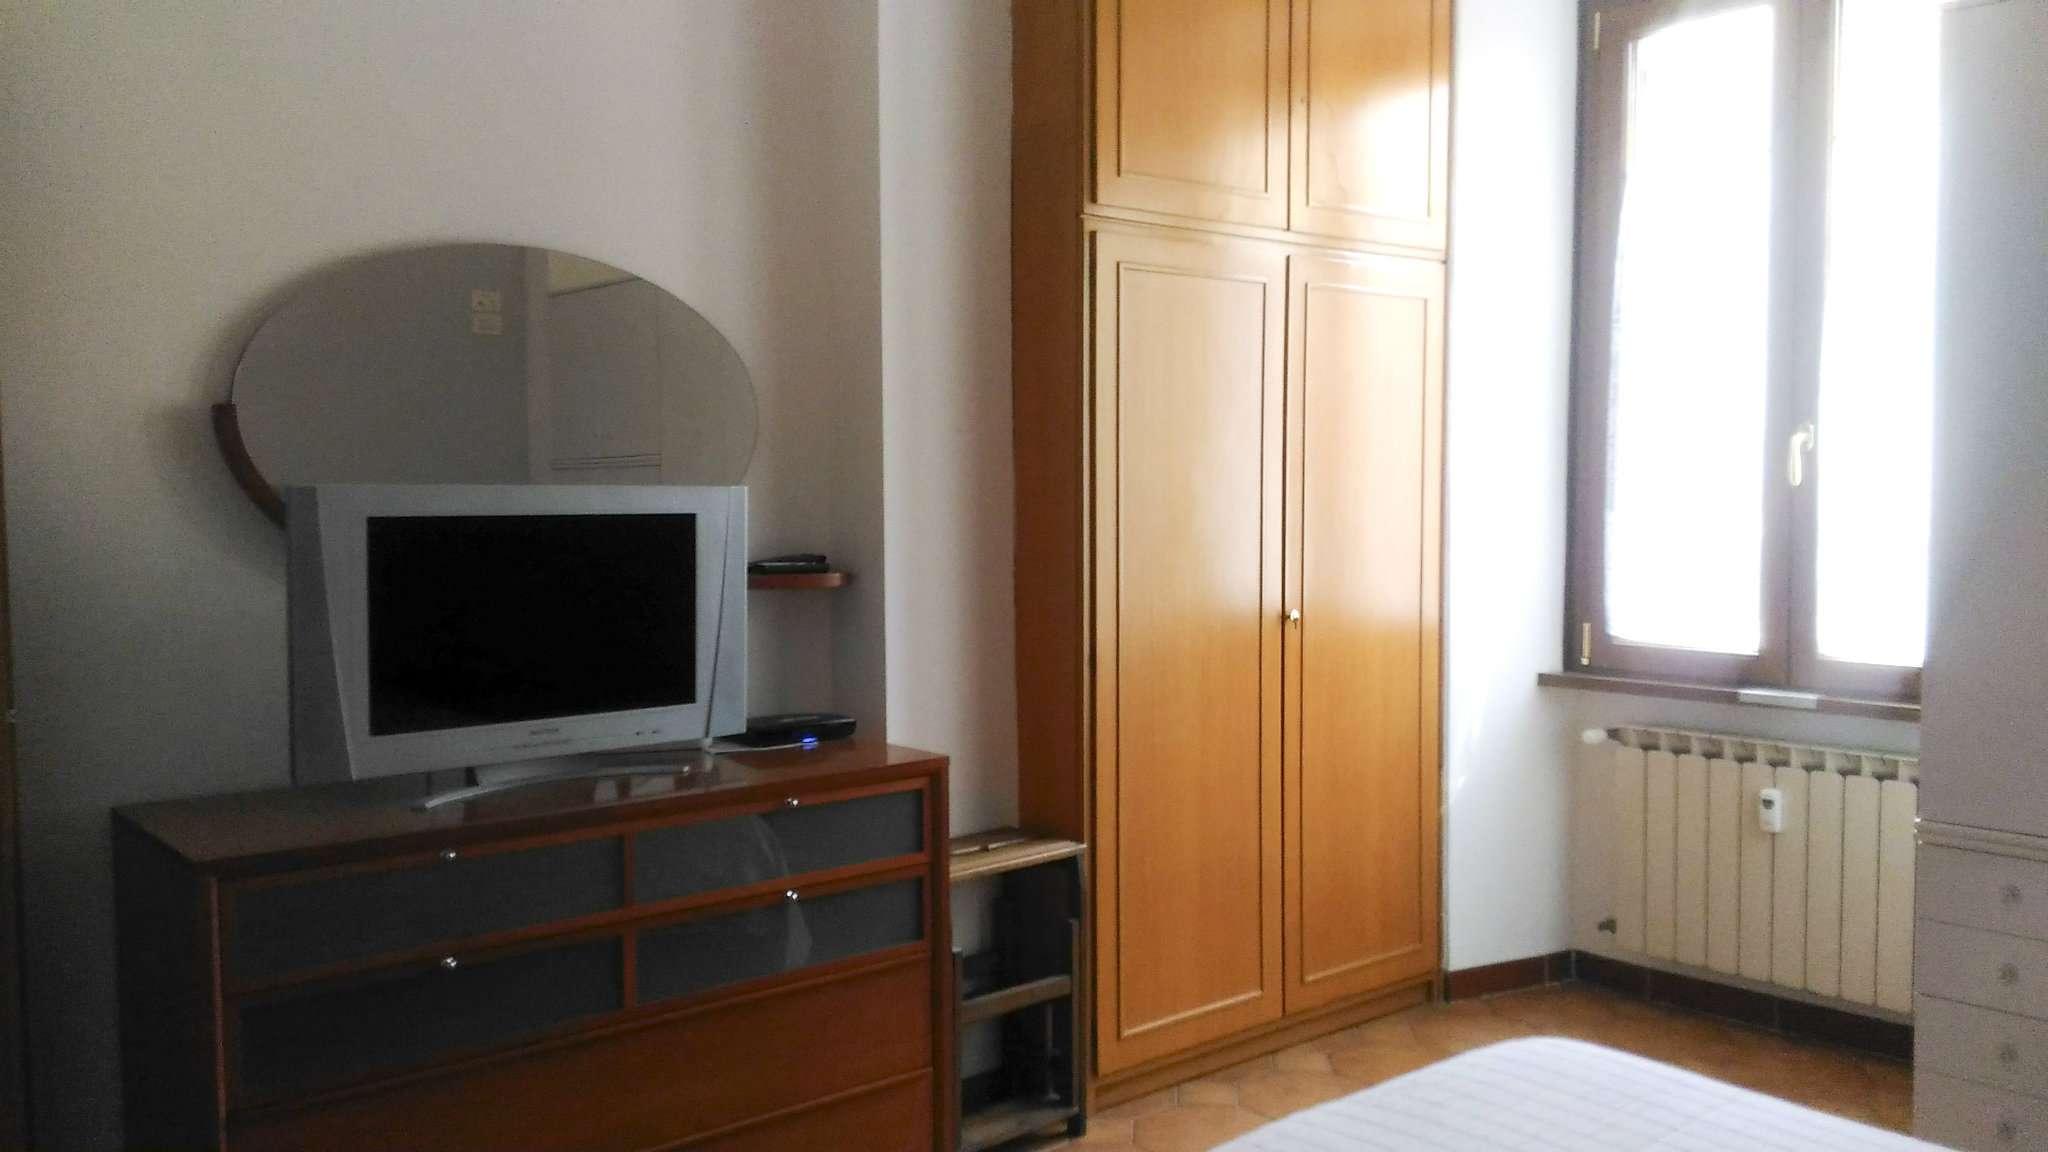 Bilocale roma affitto 1050 euro zona 25 trastevere 28 for Affitto appartamento transitorio roma